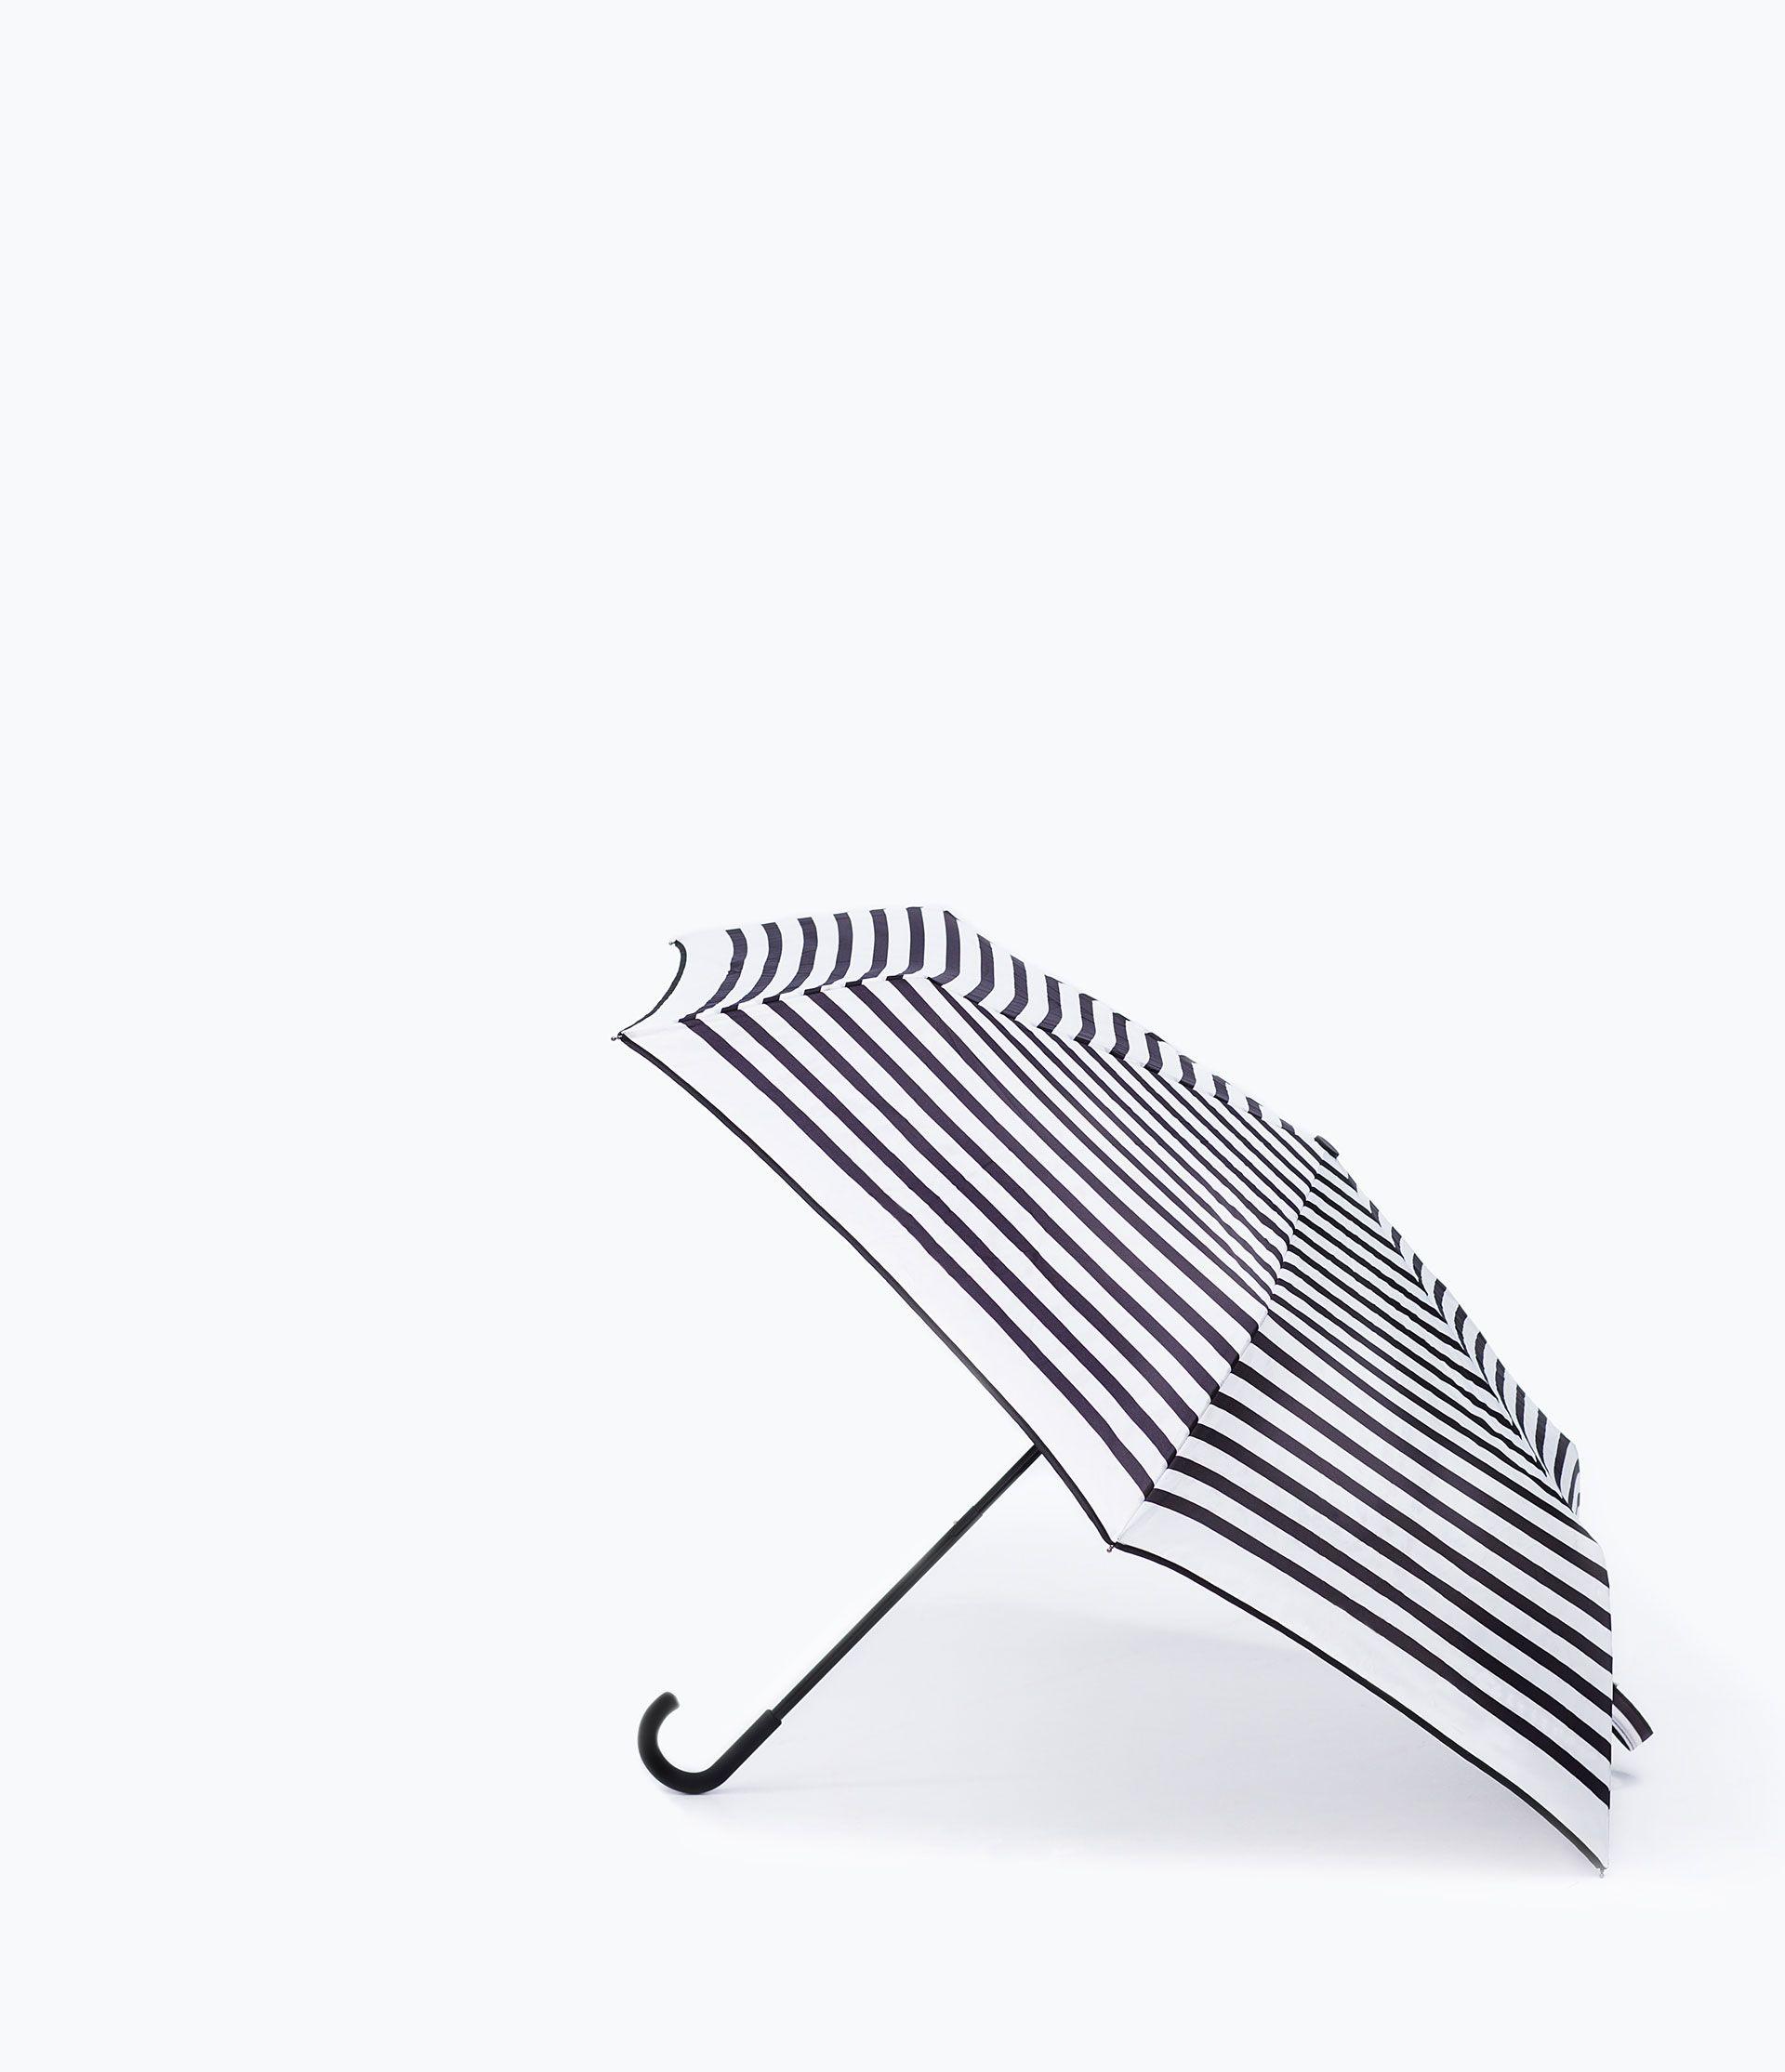 Zara Black And White Striped Umbrella